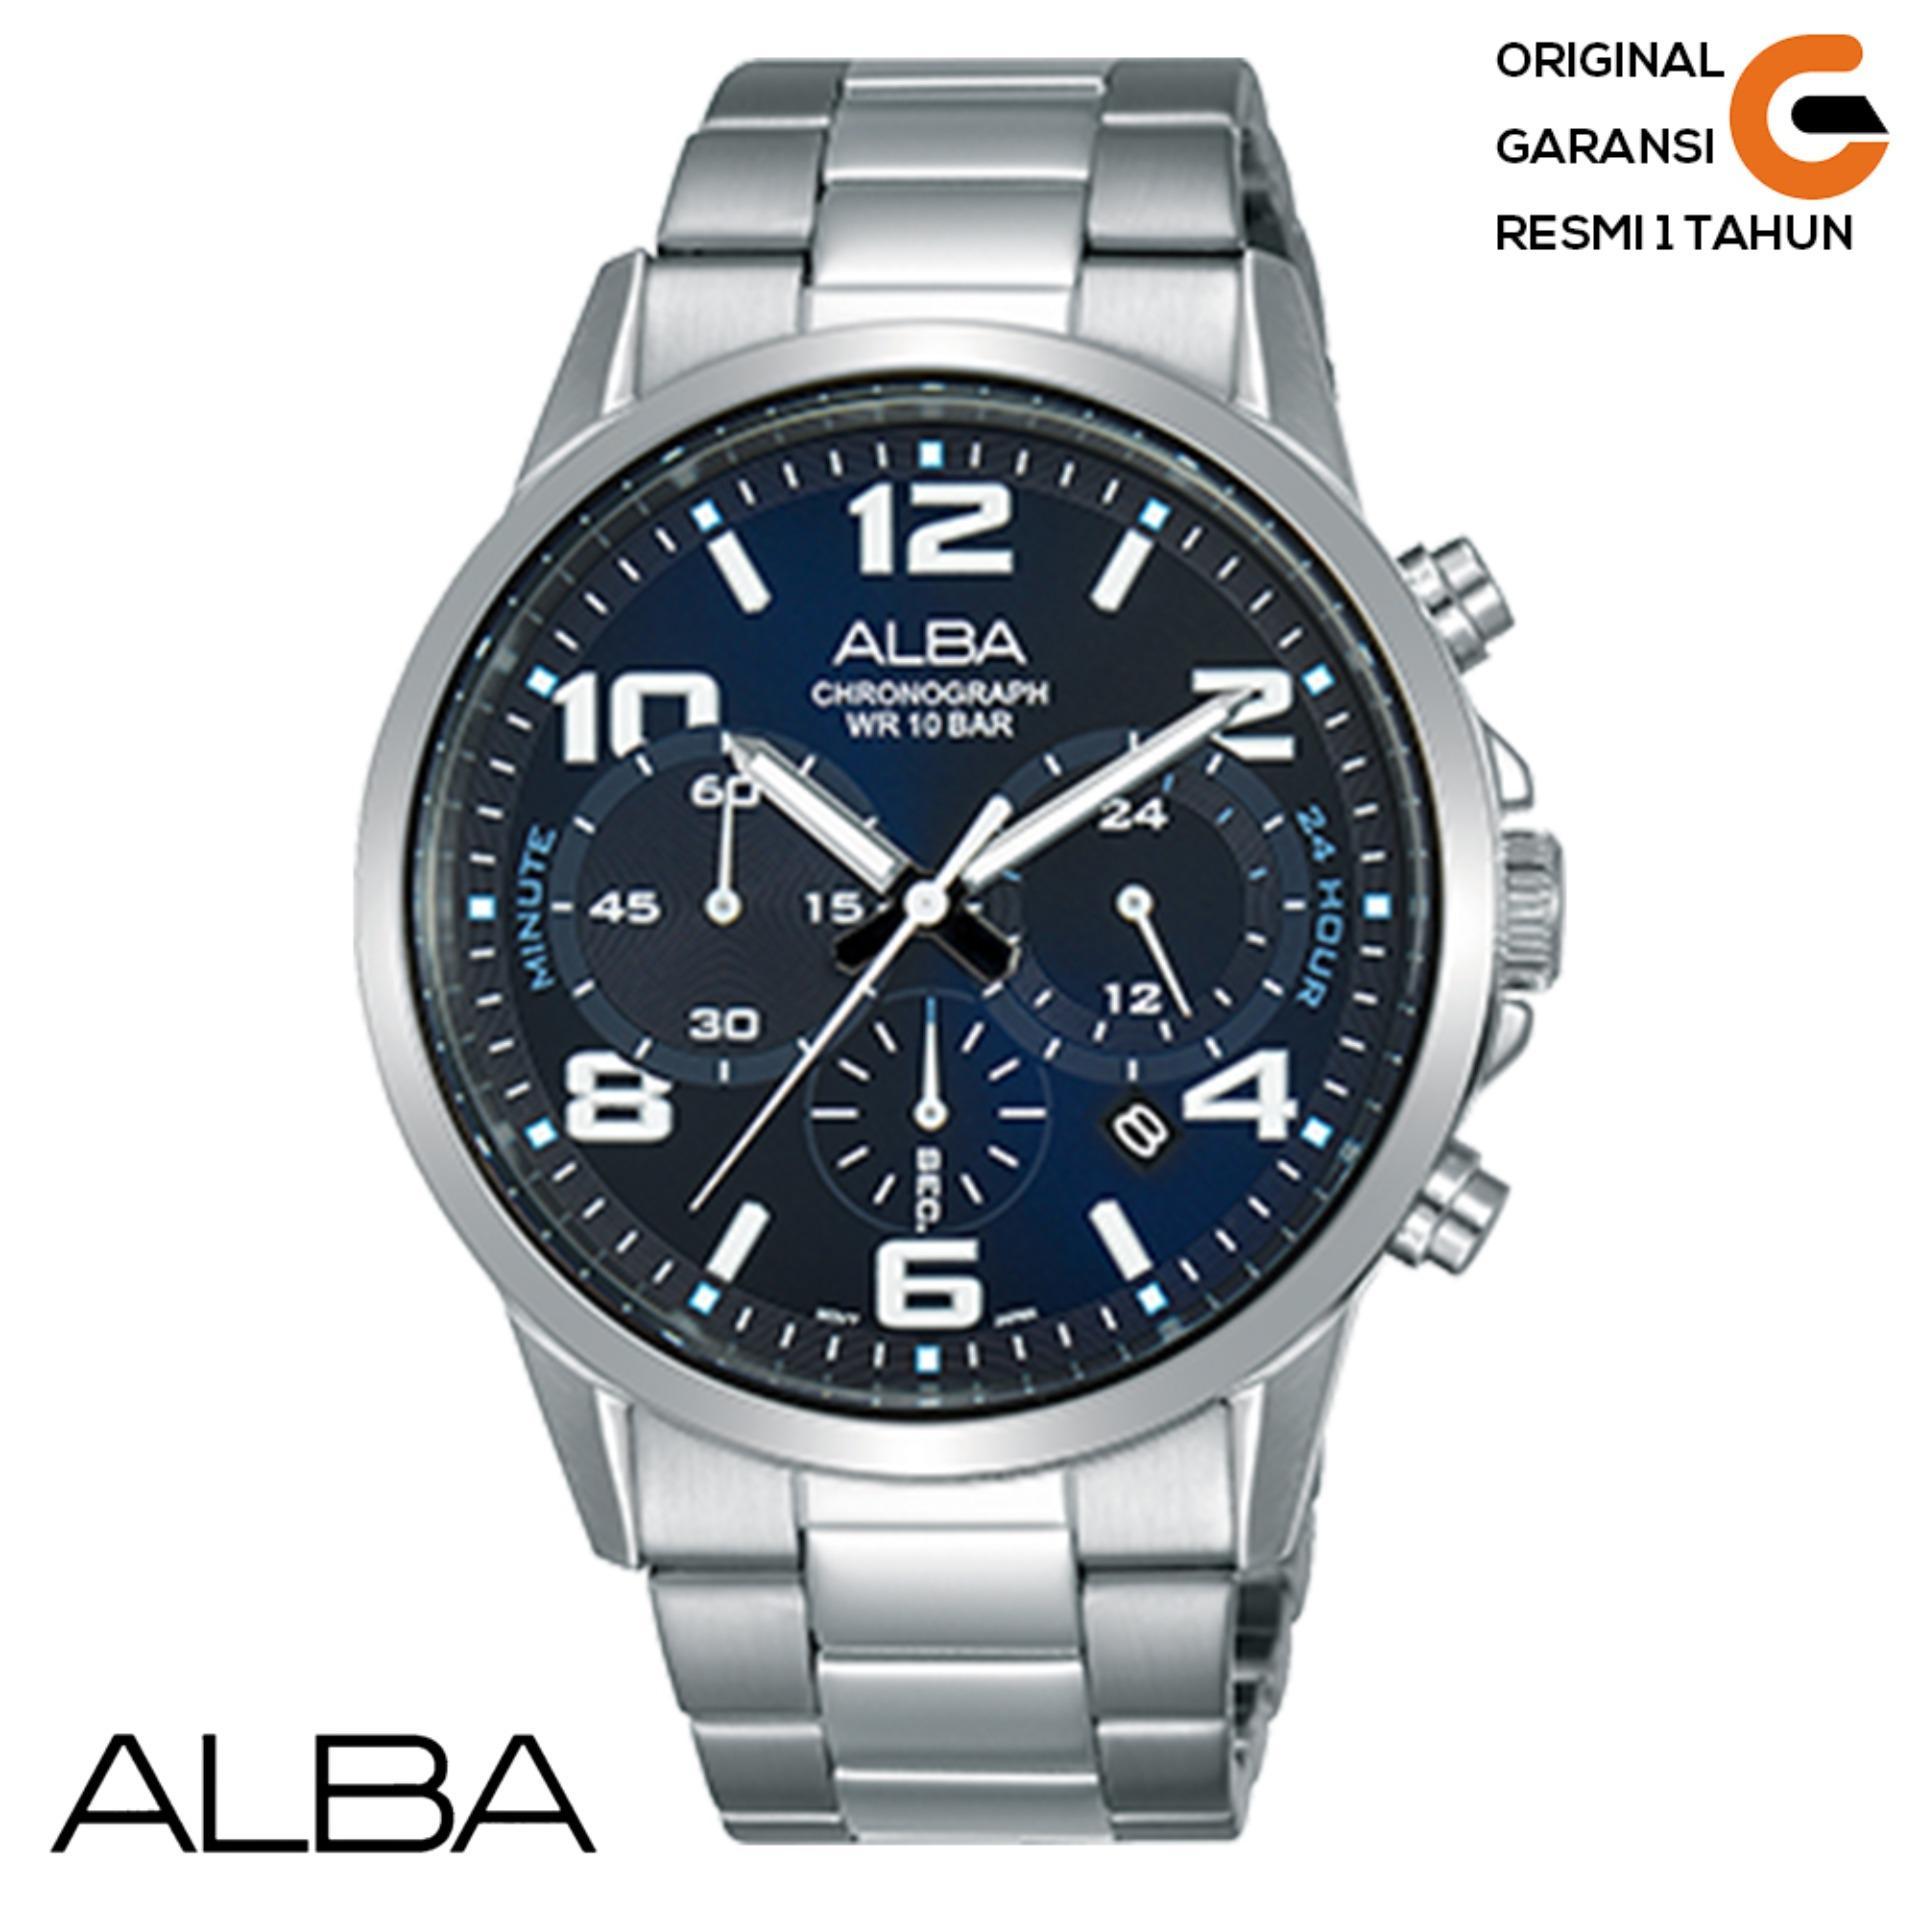 Alba Jam Tangan Pria ALBA AT3D73X1 Chronograph tali Rantai Logam Stainless Steel Jam Tangan ALBA Pr